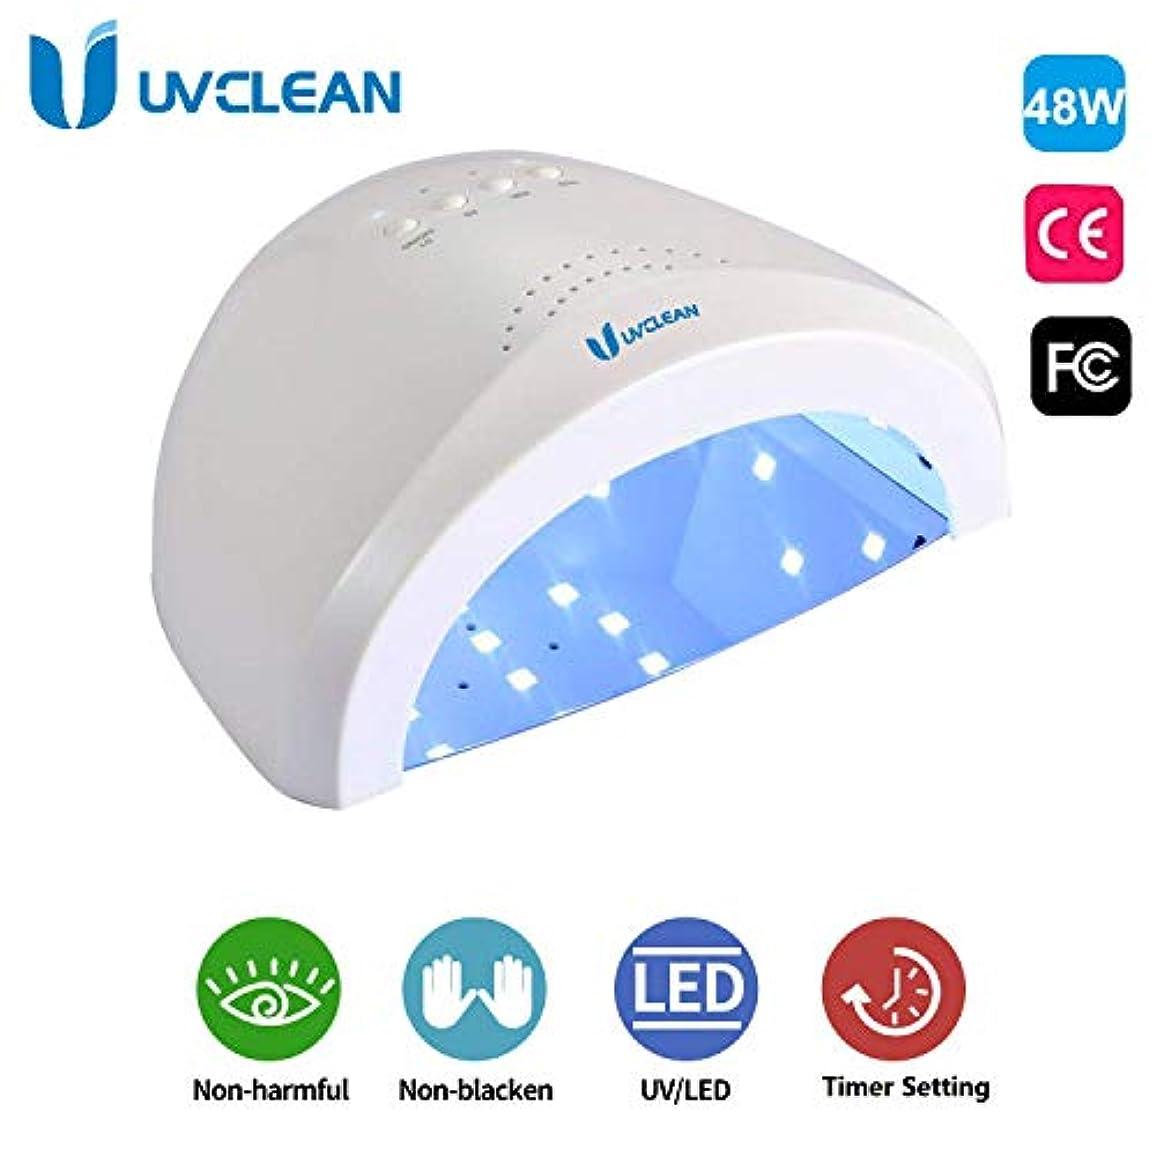 に渡ってバランスのとれたちっちゃいネイルドライヤー 48w UV LEDネイルドライヤー 人感センサー UVライト180度照射 三つタイマー設定 ジェルネイル と レジンクラフト用 (白い)